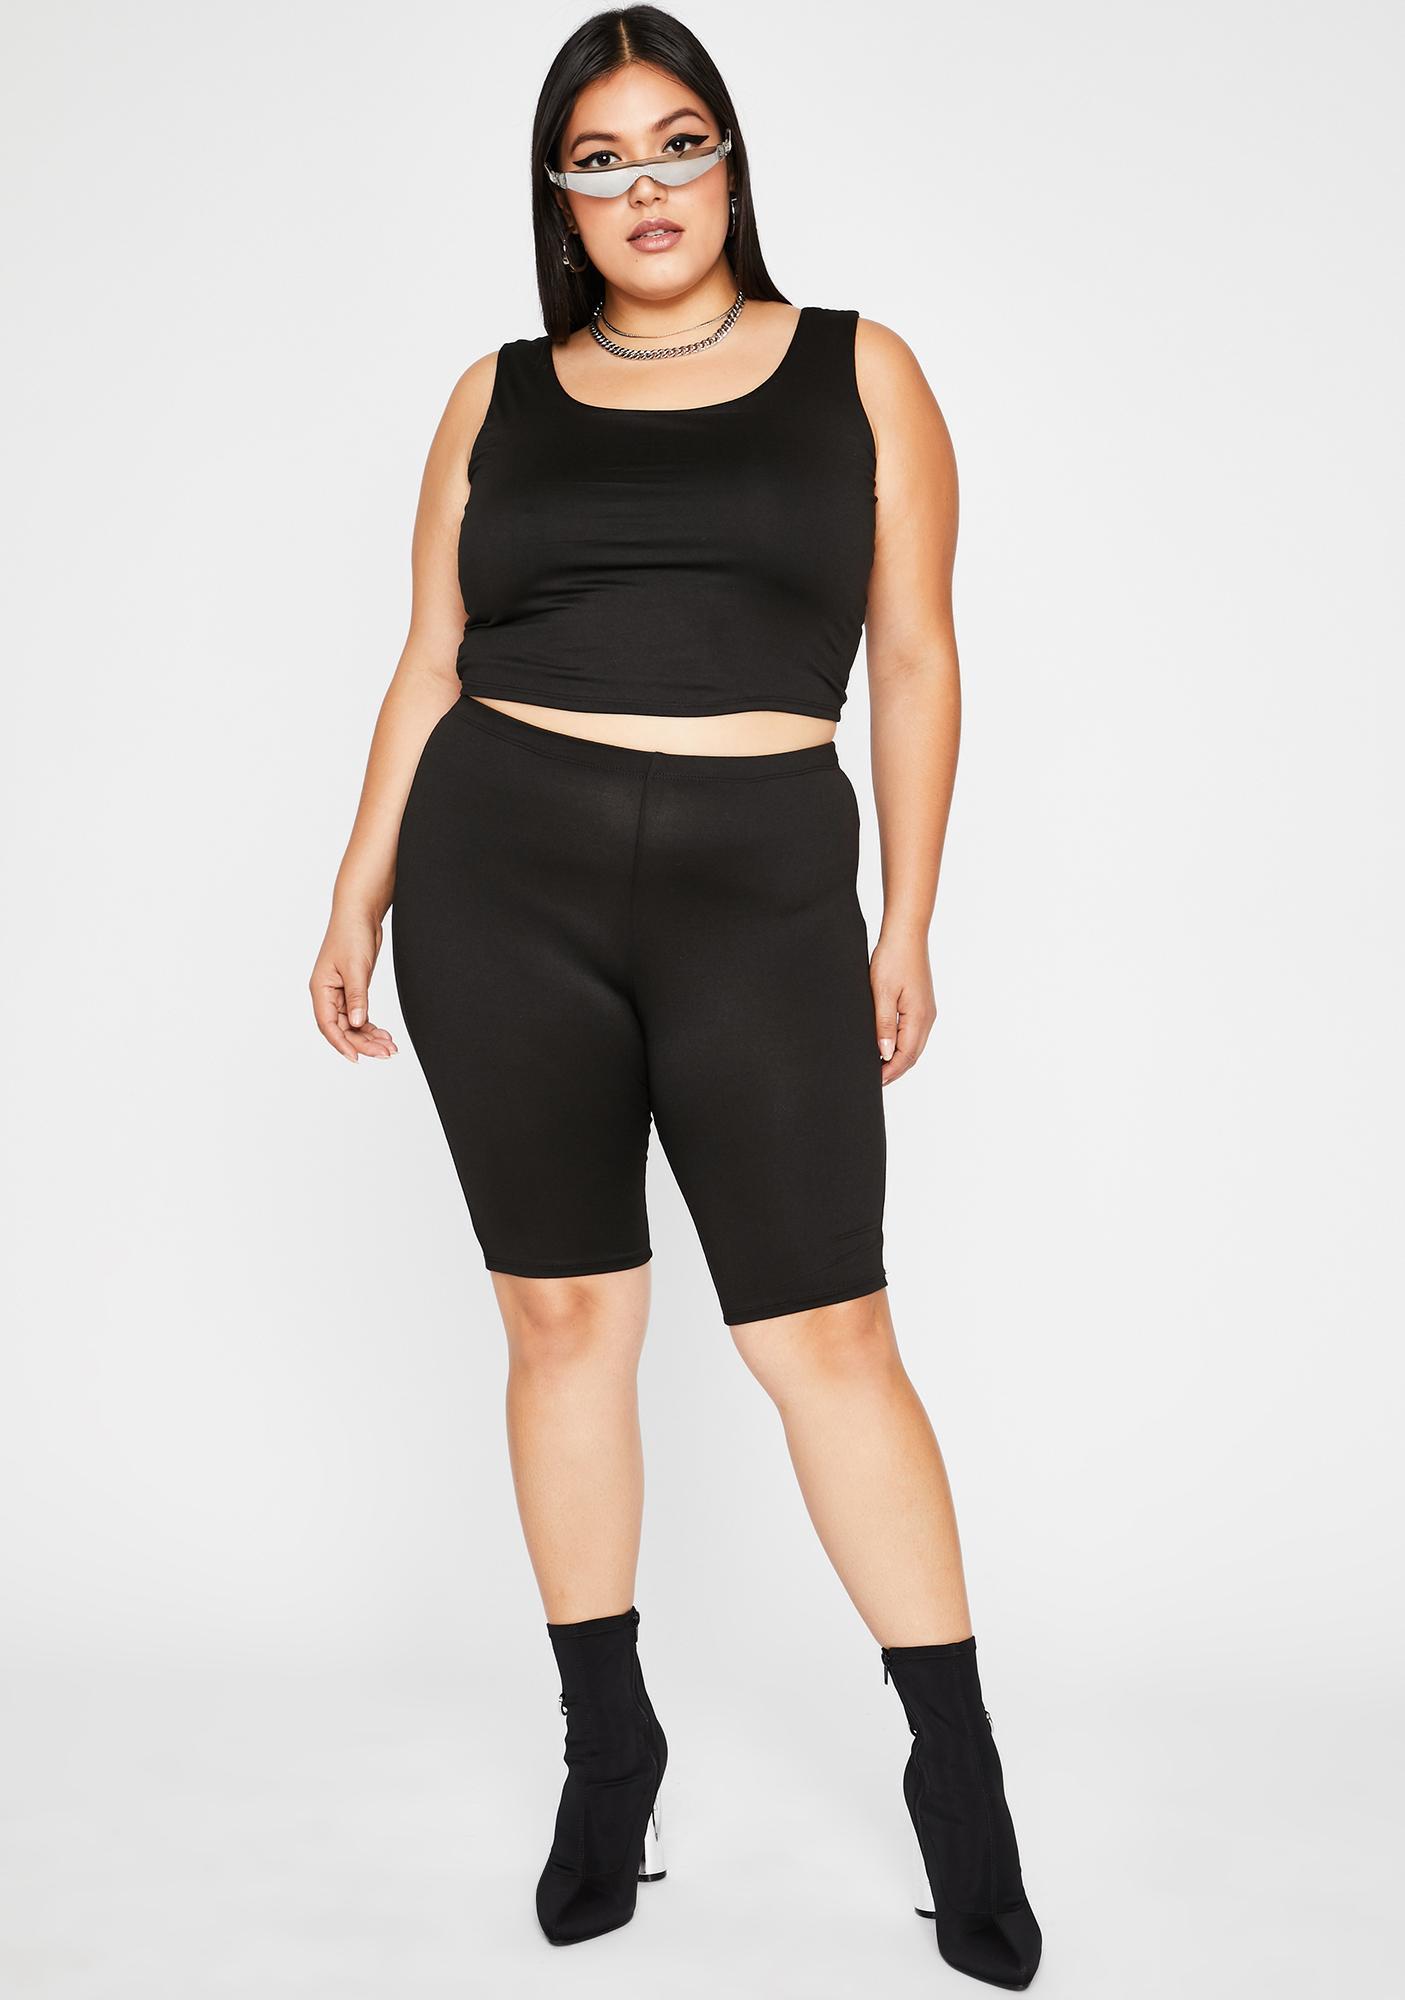 She's Runnin' Shizz Shorts Set